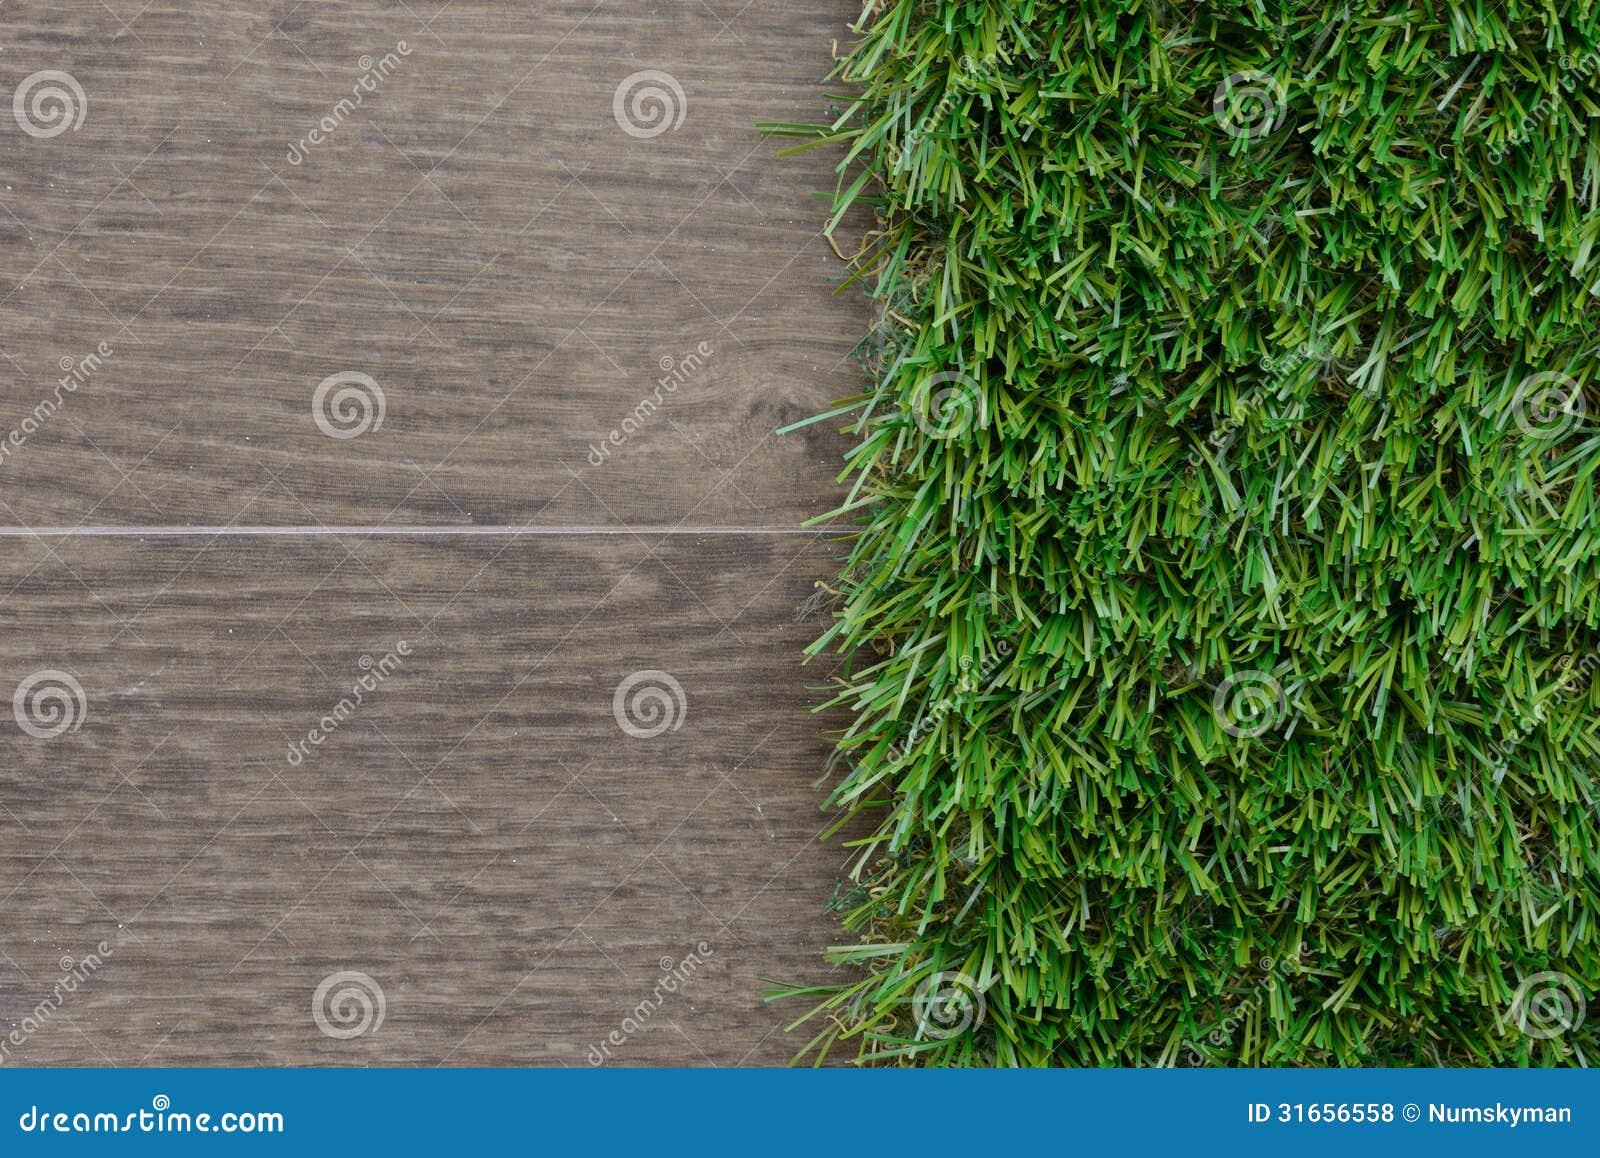 Grass background tile Green Grass Artificial Grass And Tile Background Dreamstime Artificial Grass And Tile Background Stock Photo Image Of